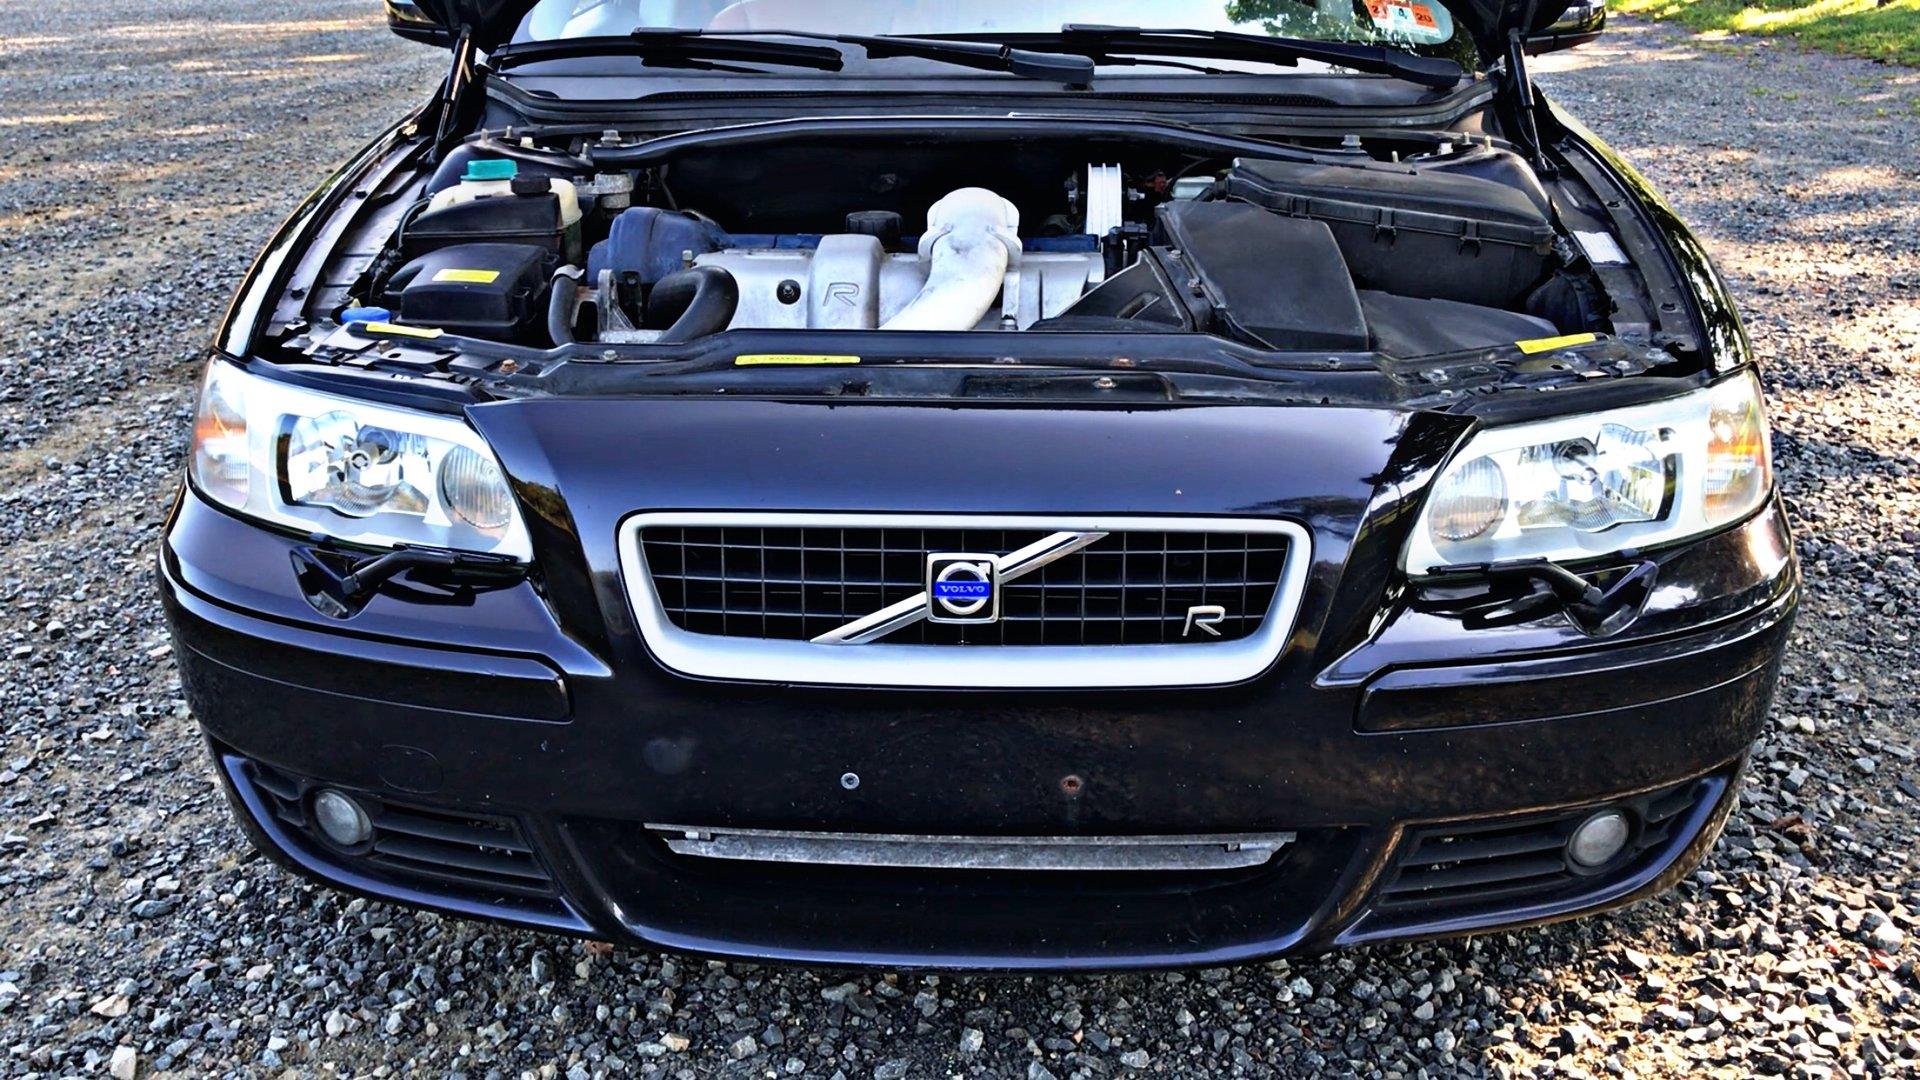 Volvo V70R Front End Engine Bay